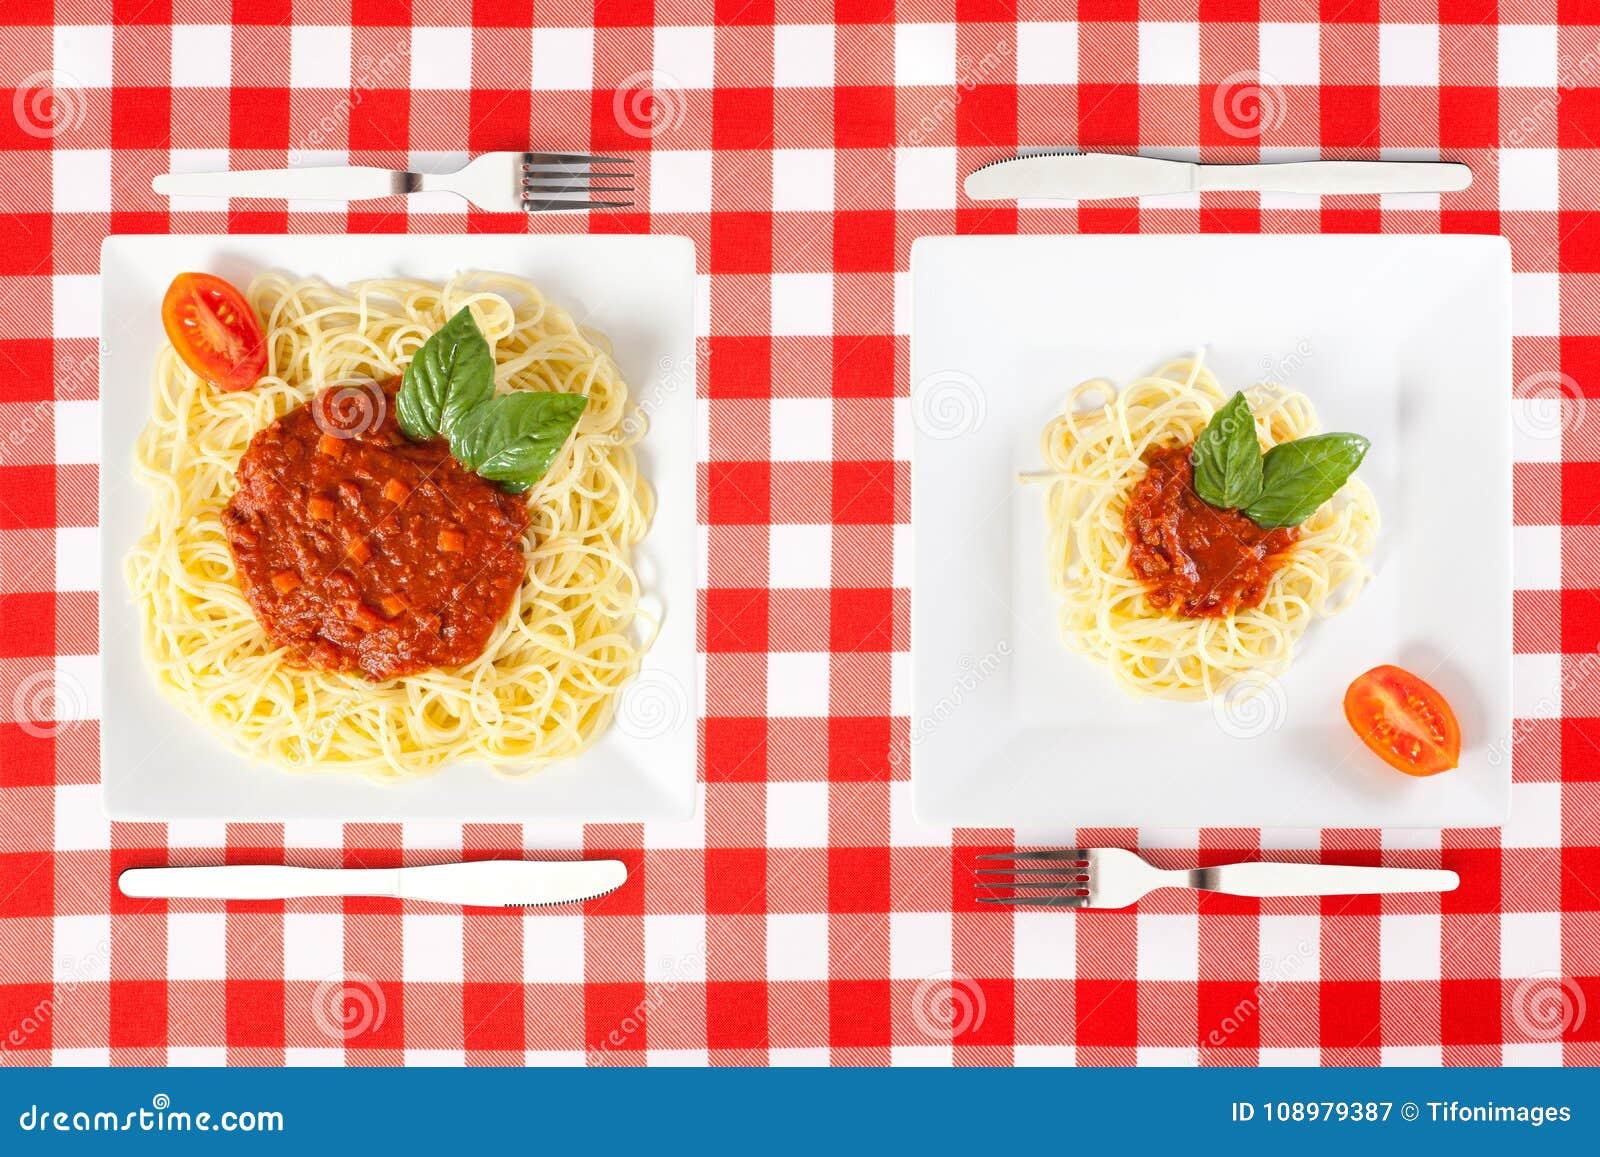 Μεγάλες και μικροσκοπικές μερίδες τροφίμων